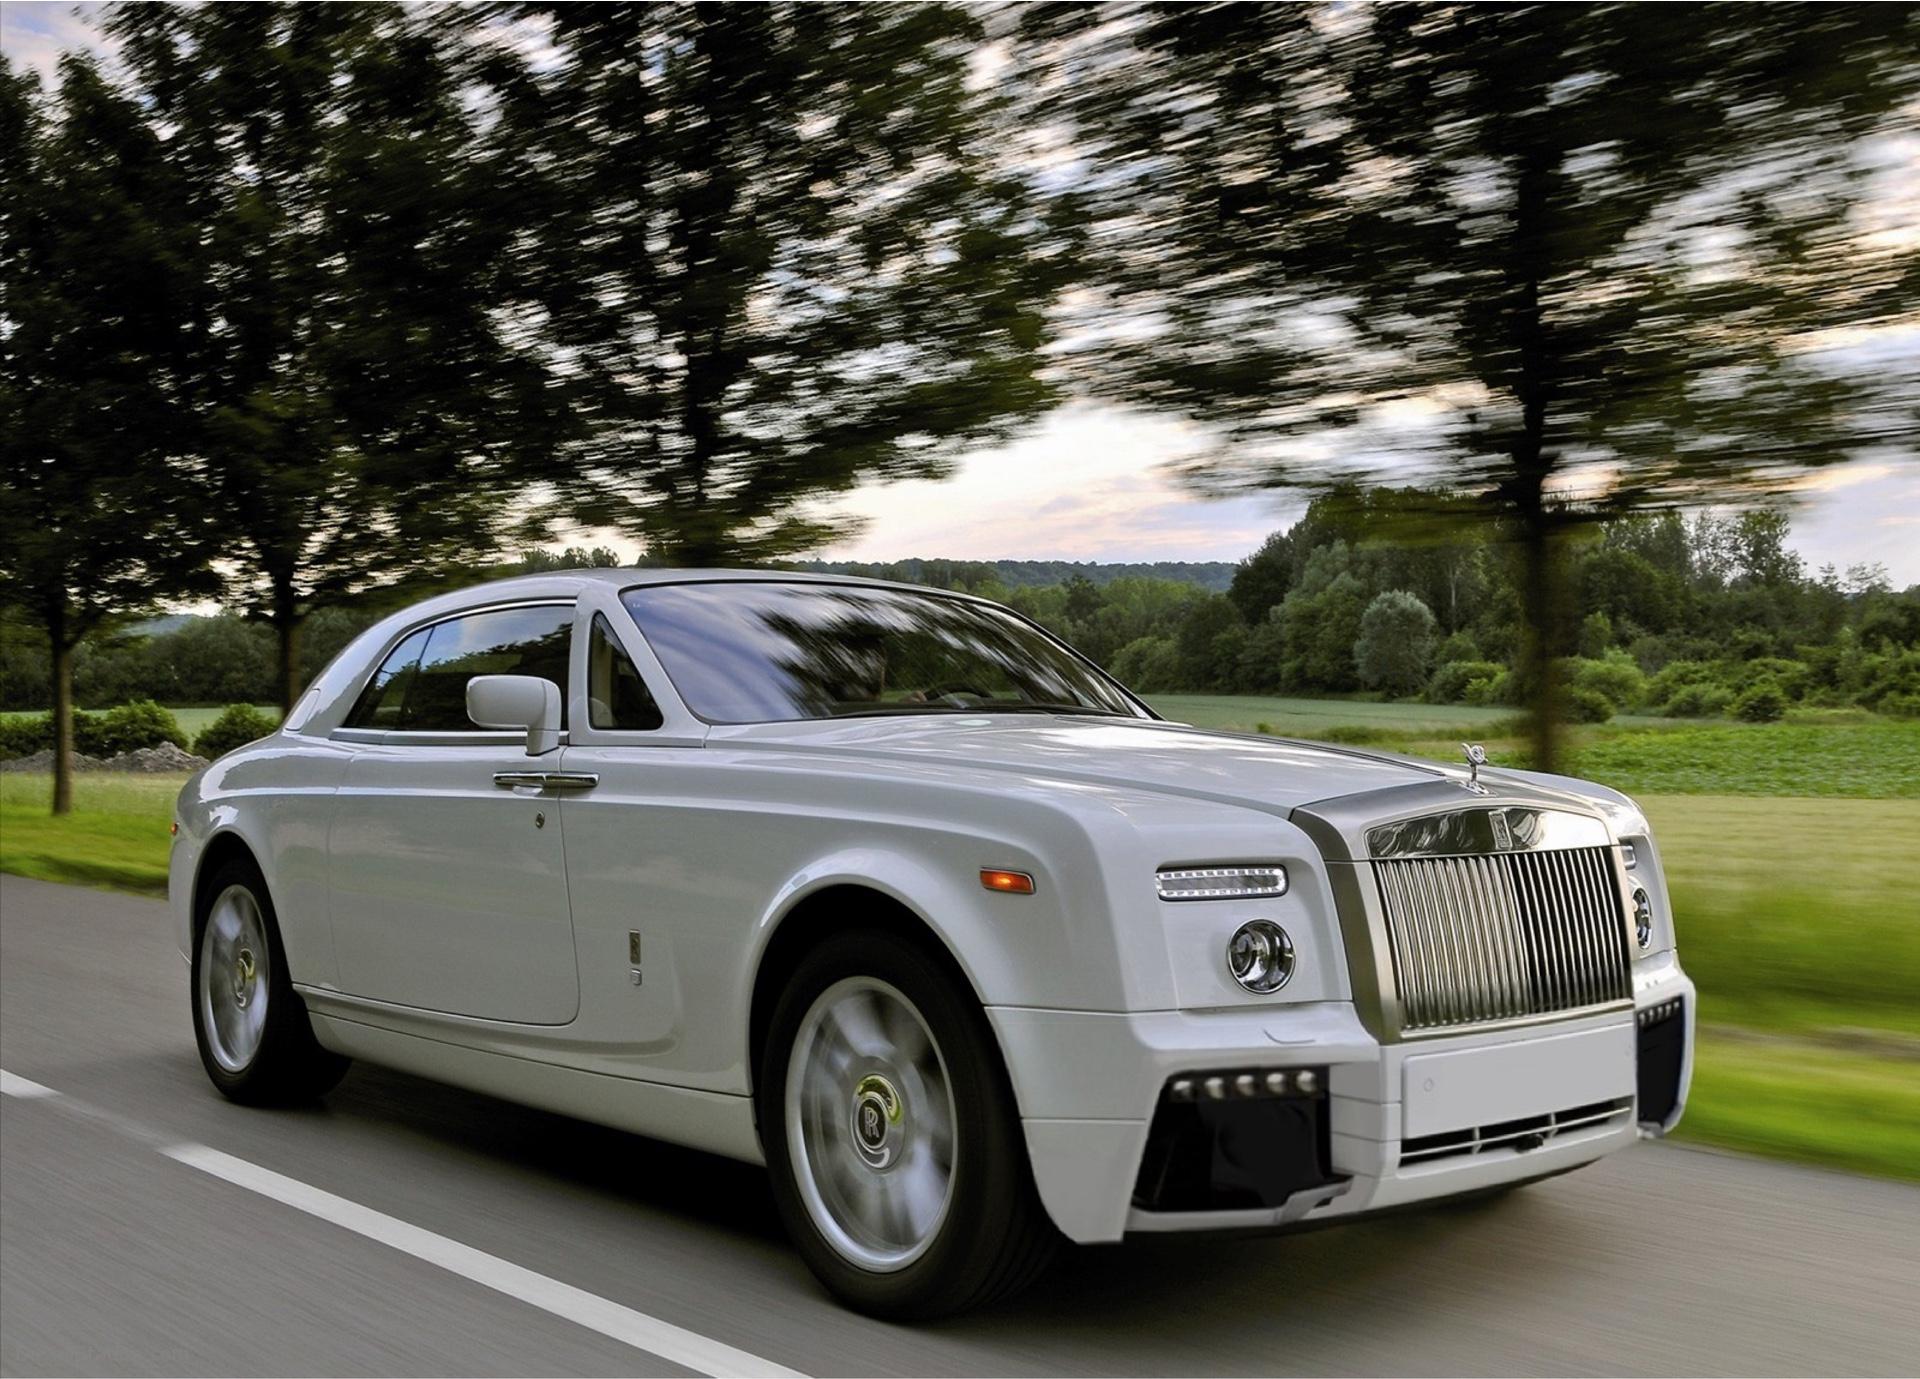 Dmc Phantom Carbon Fiber Body Kit For The Rolls Royce N1